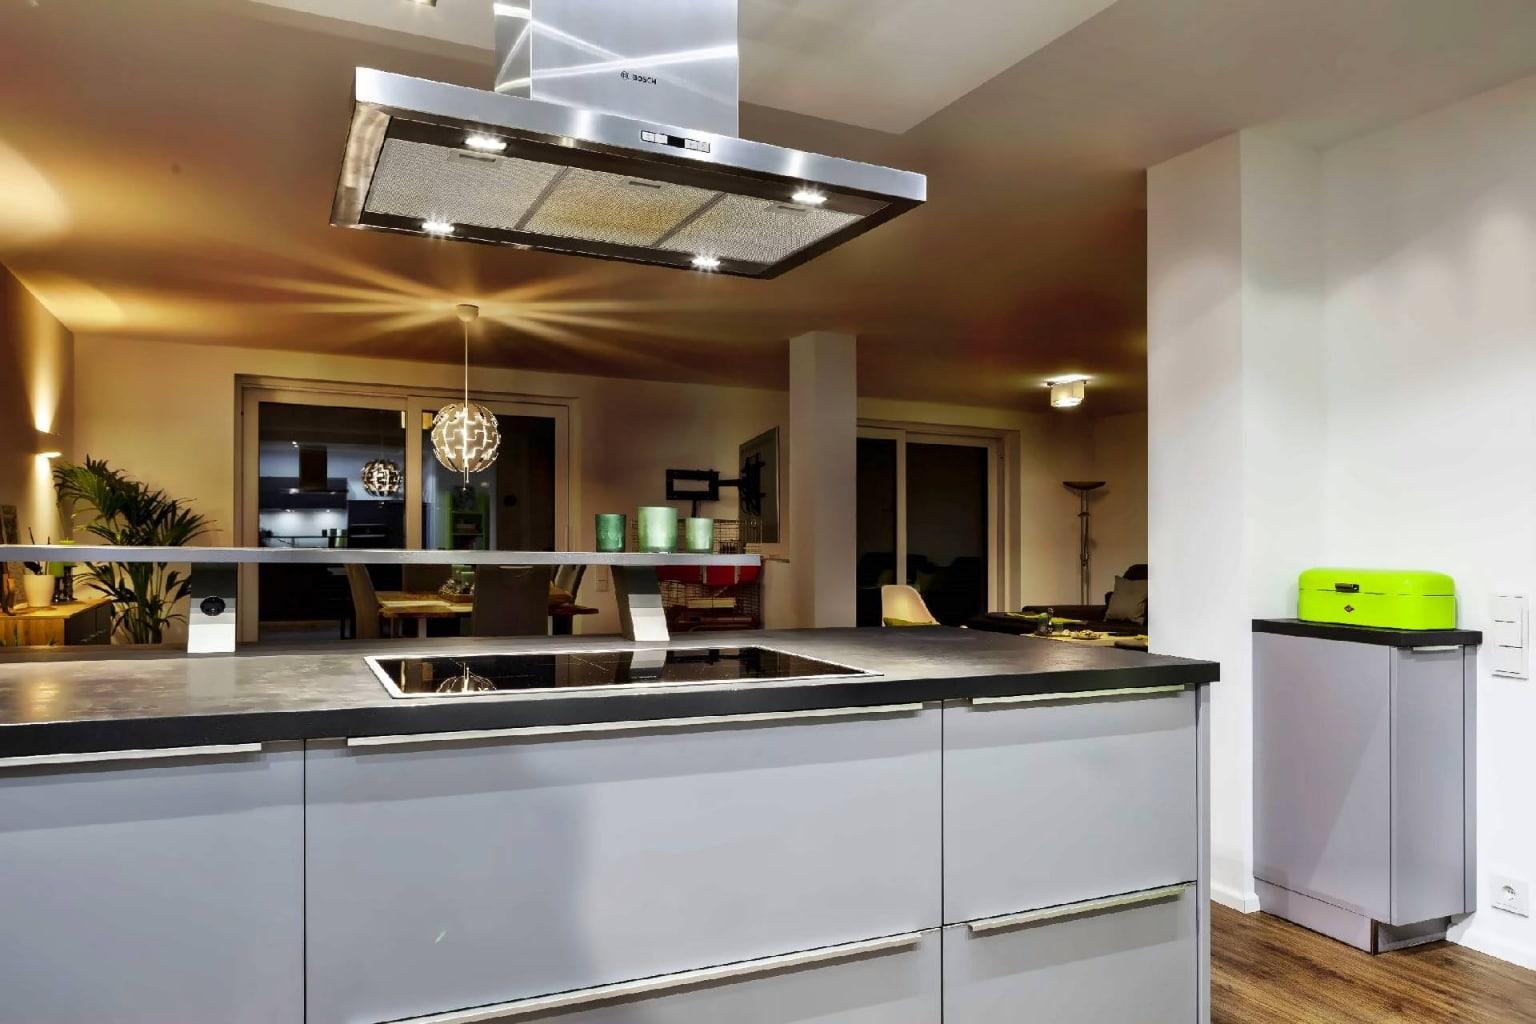 U-förmige Küche offen zum Wohnraum (2)